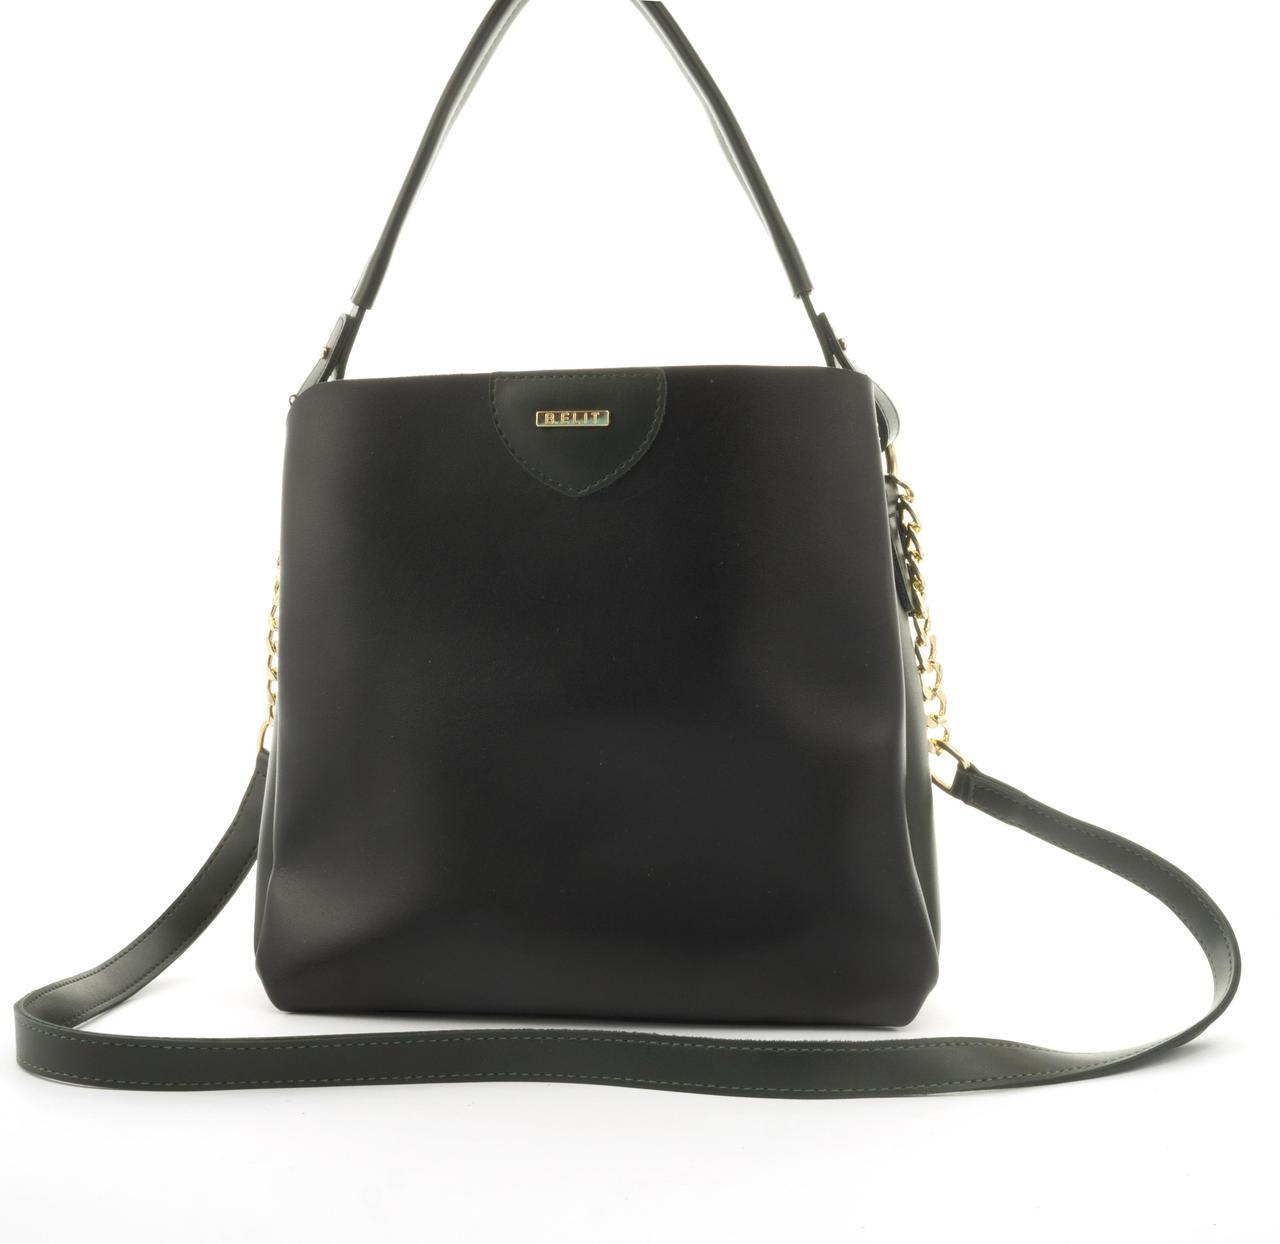 Оригинальная качественная суперстильная сумка с эко кожи очень высокого качества B.Elite art. 08-21 черн/зелен